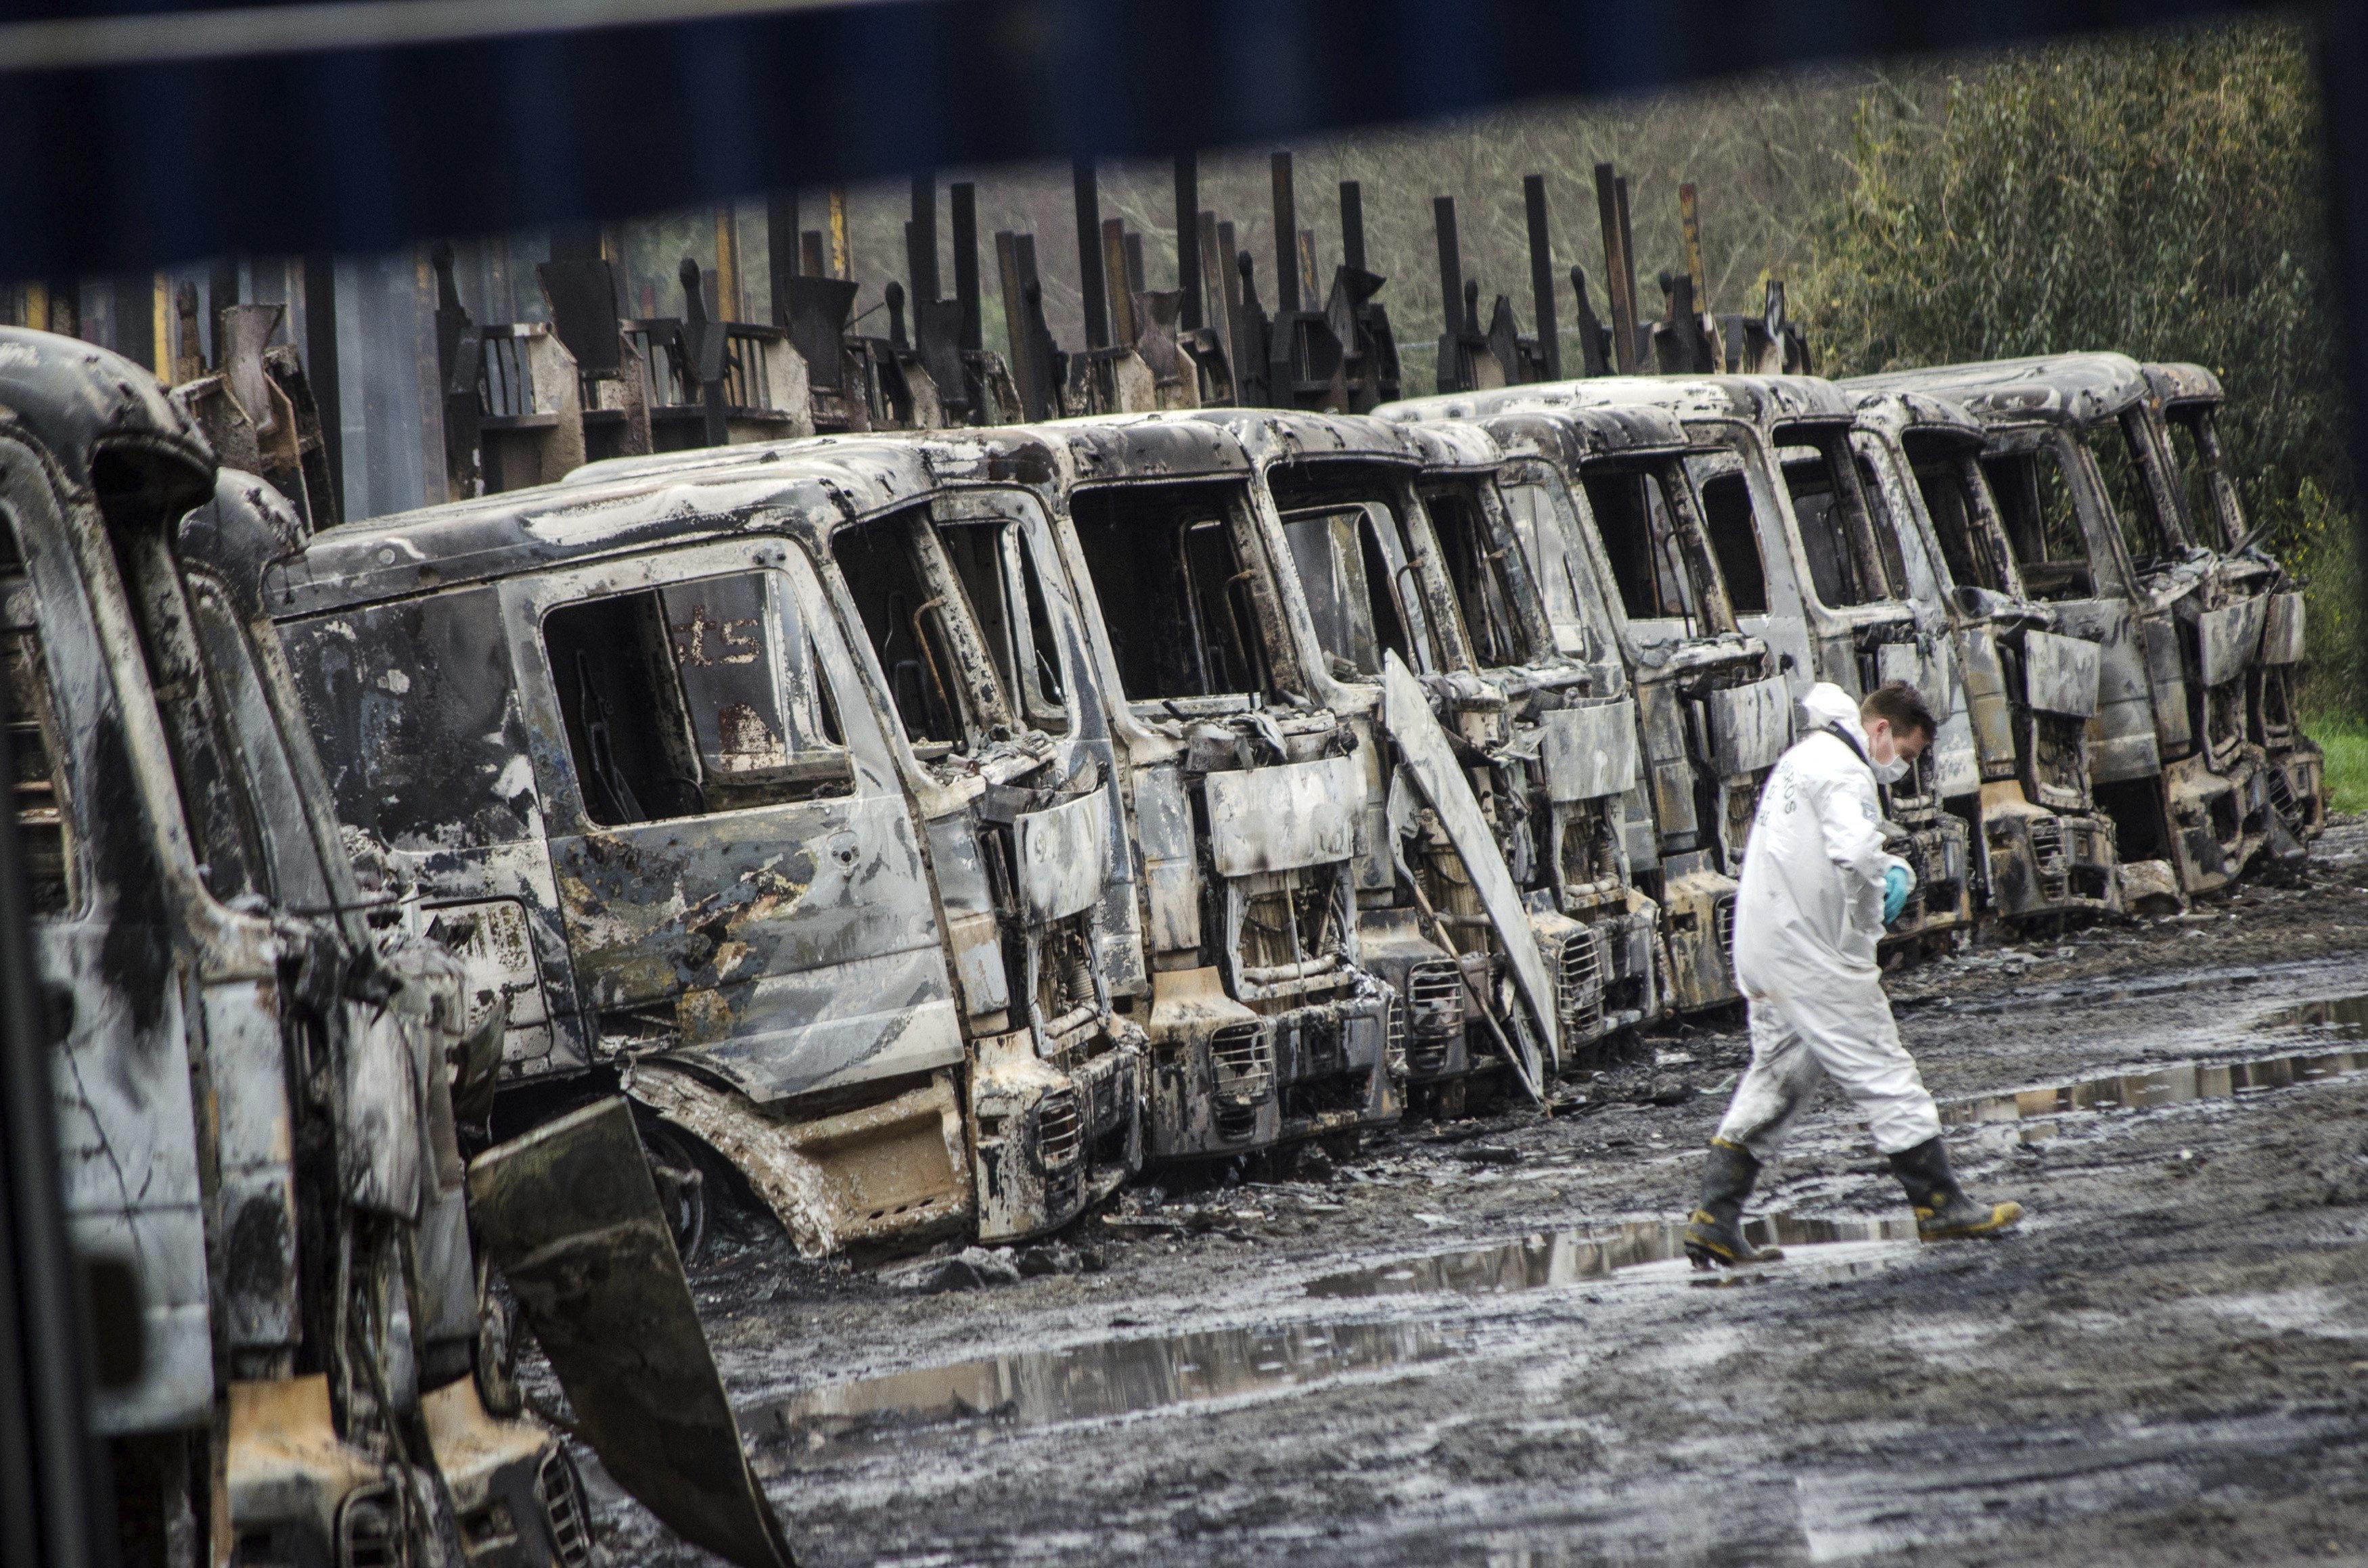 Un agent de policia recapta informació en el lloc on van ser cremats 29 camions al sud de Xile. /CAMILO TAPIA